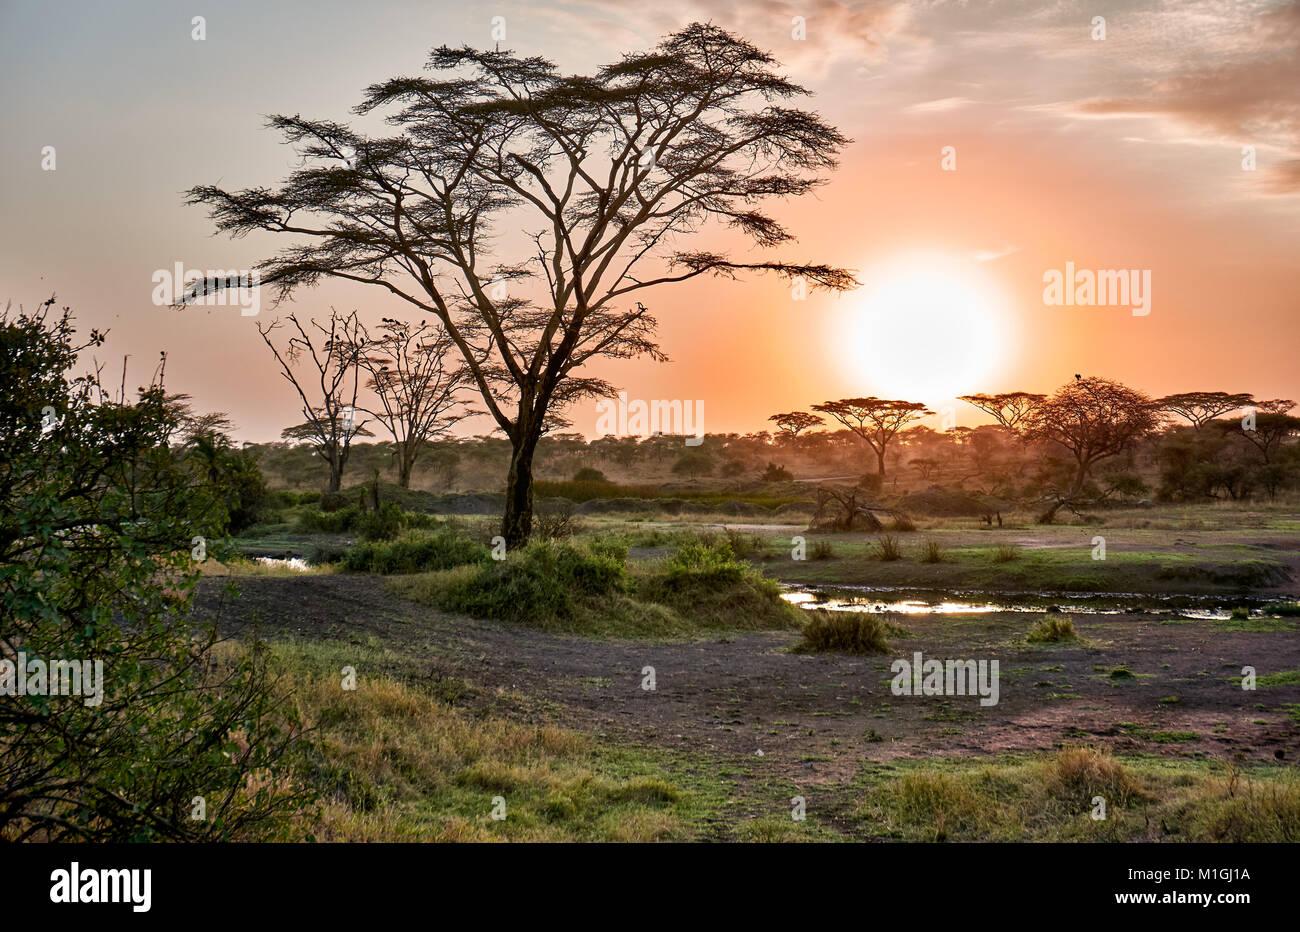 Amanecer en el Parque nacional Serengeti, sitio del patrimonio mundial de la UNESCO, Tanzania, África Imagen De Stock